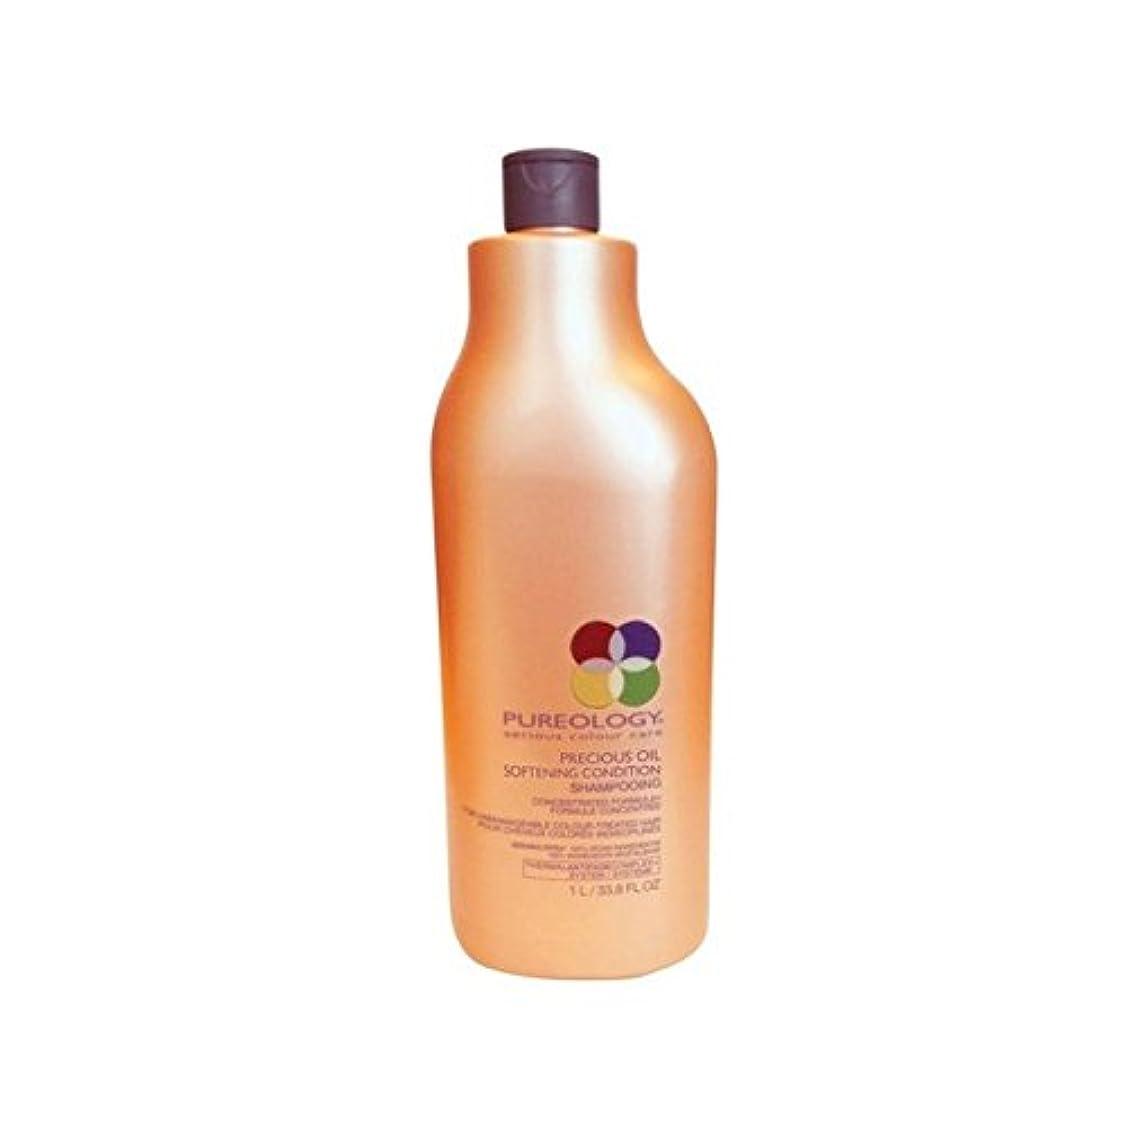 ましい包括的見積り貴重なオイルコンディショナー(千ミリリットル) x2 - Pureology Precious Oil Conditioner (1000ml) (Pack of 2) [並行輸入品]